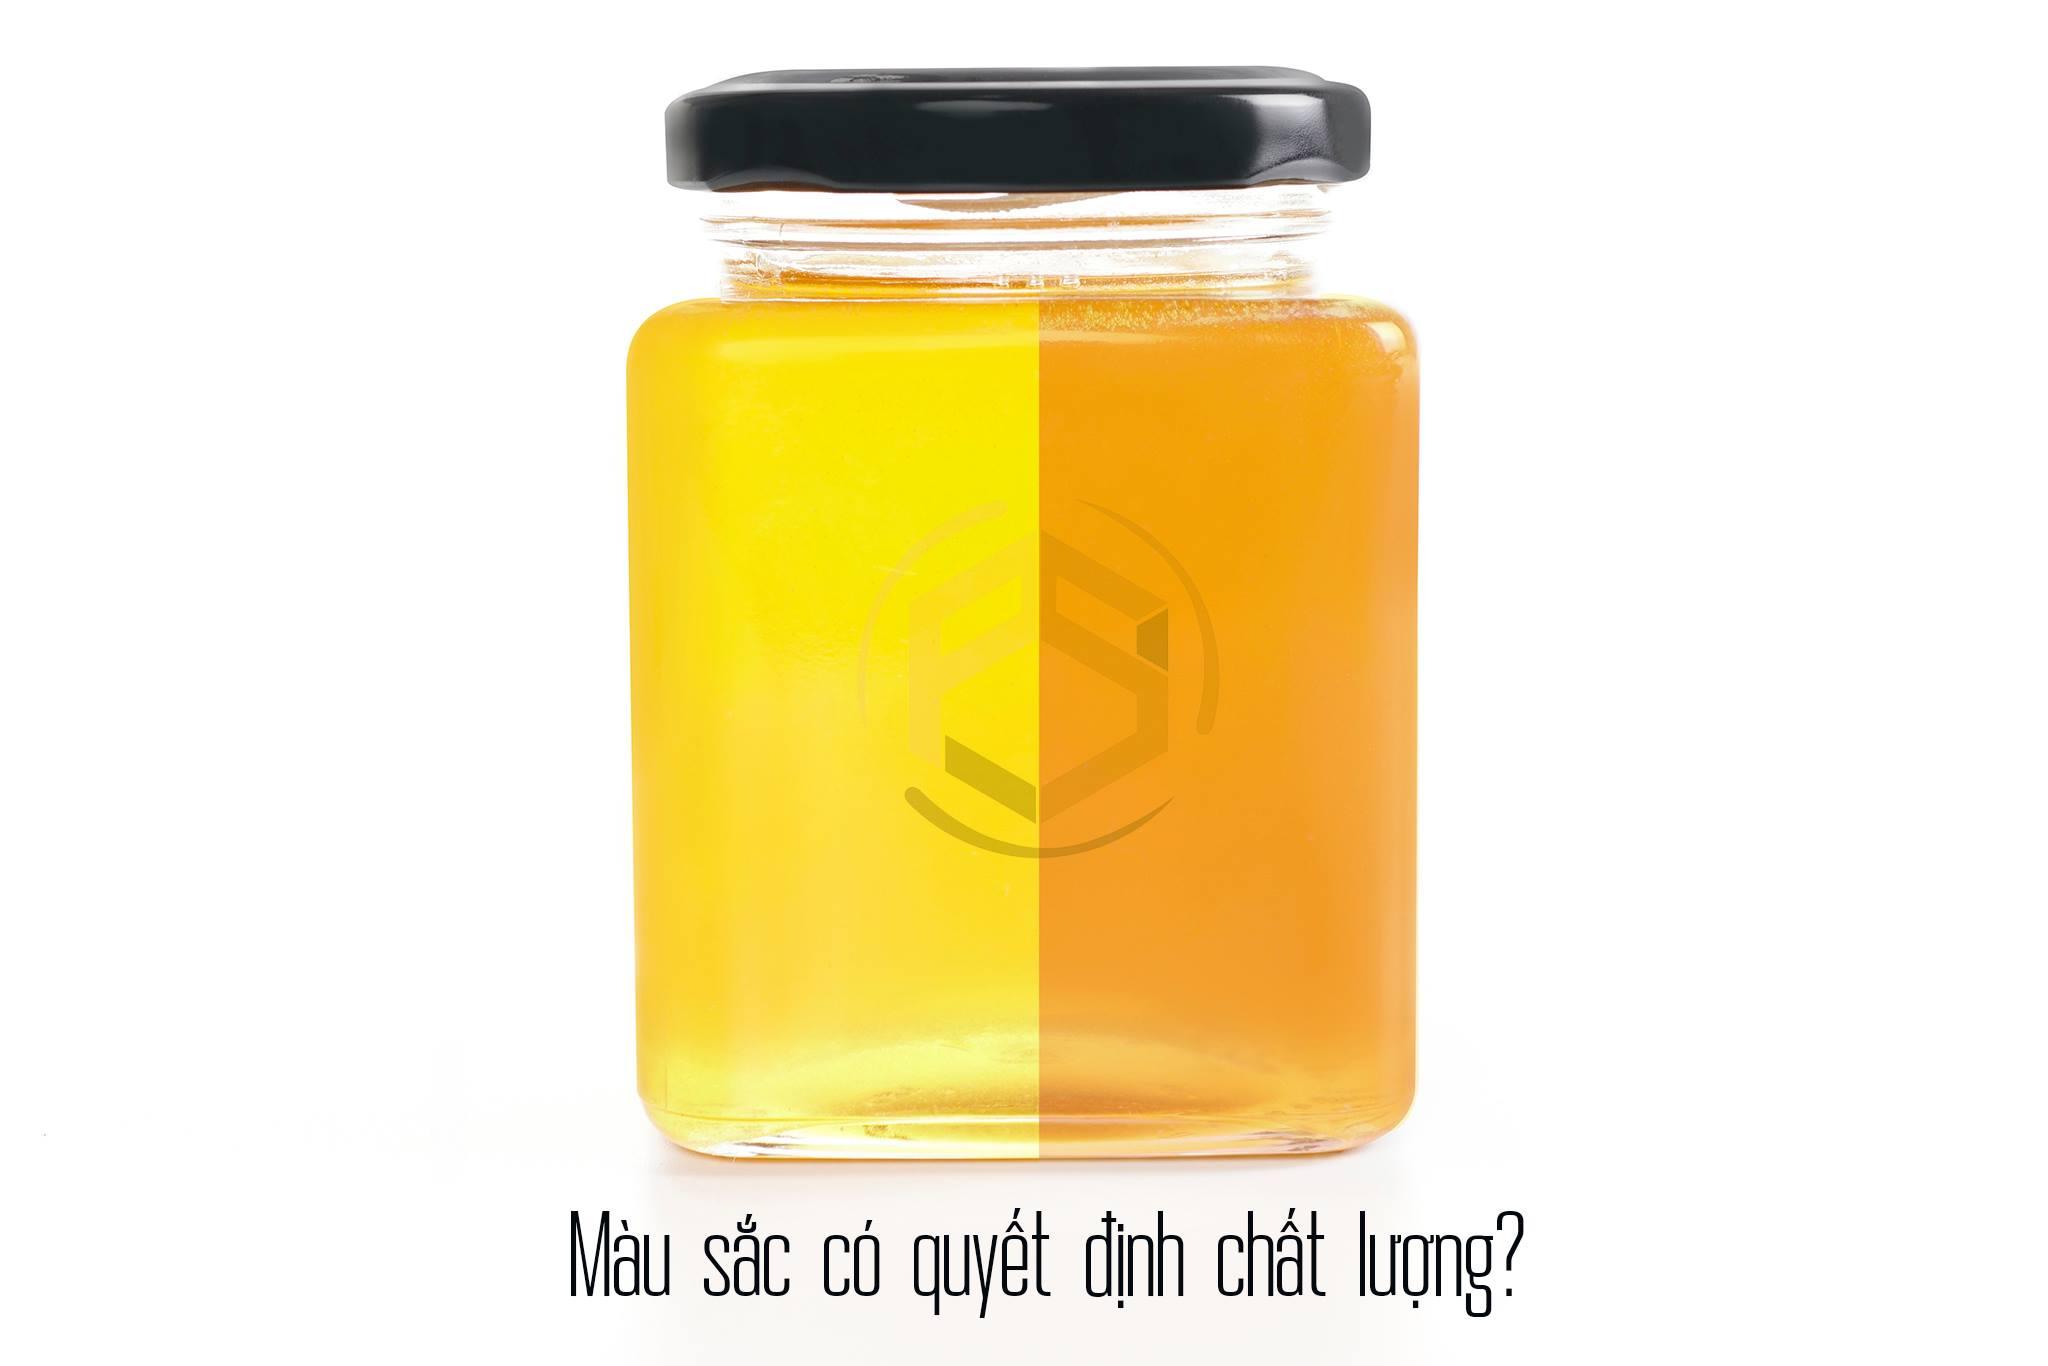 Hiểu lầm mật ong - Màu sắc có quyết định chất lượng mật ong?